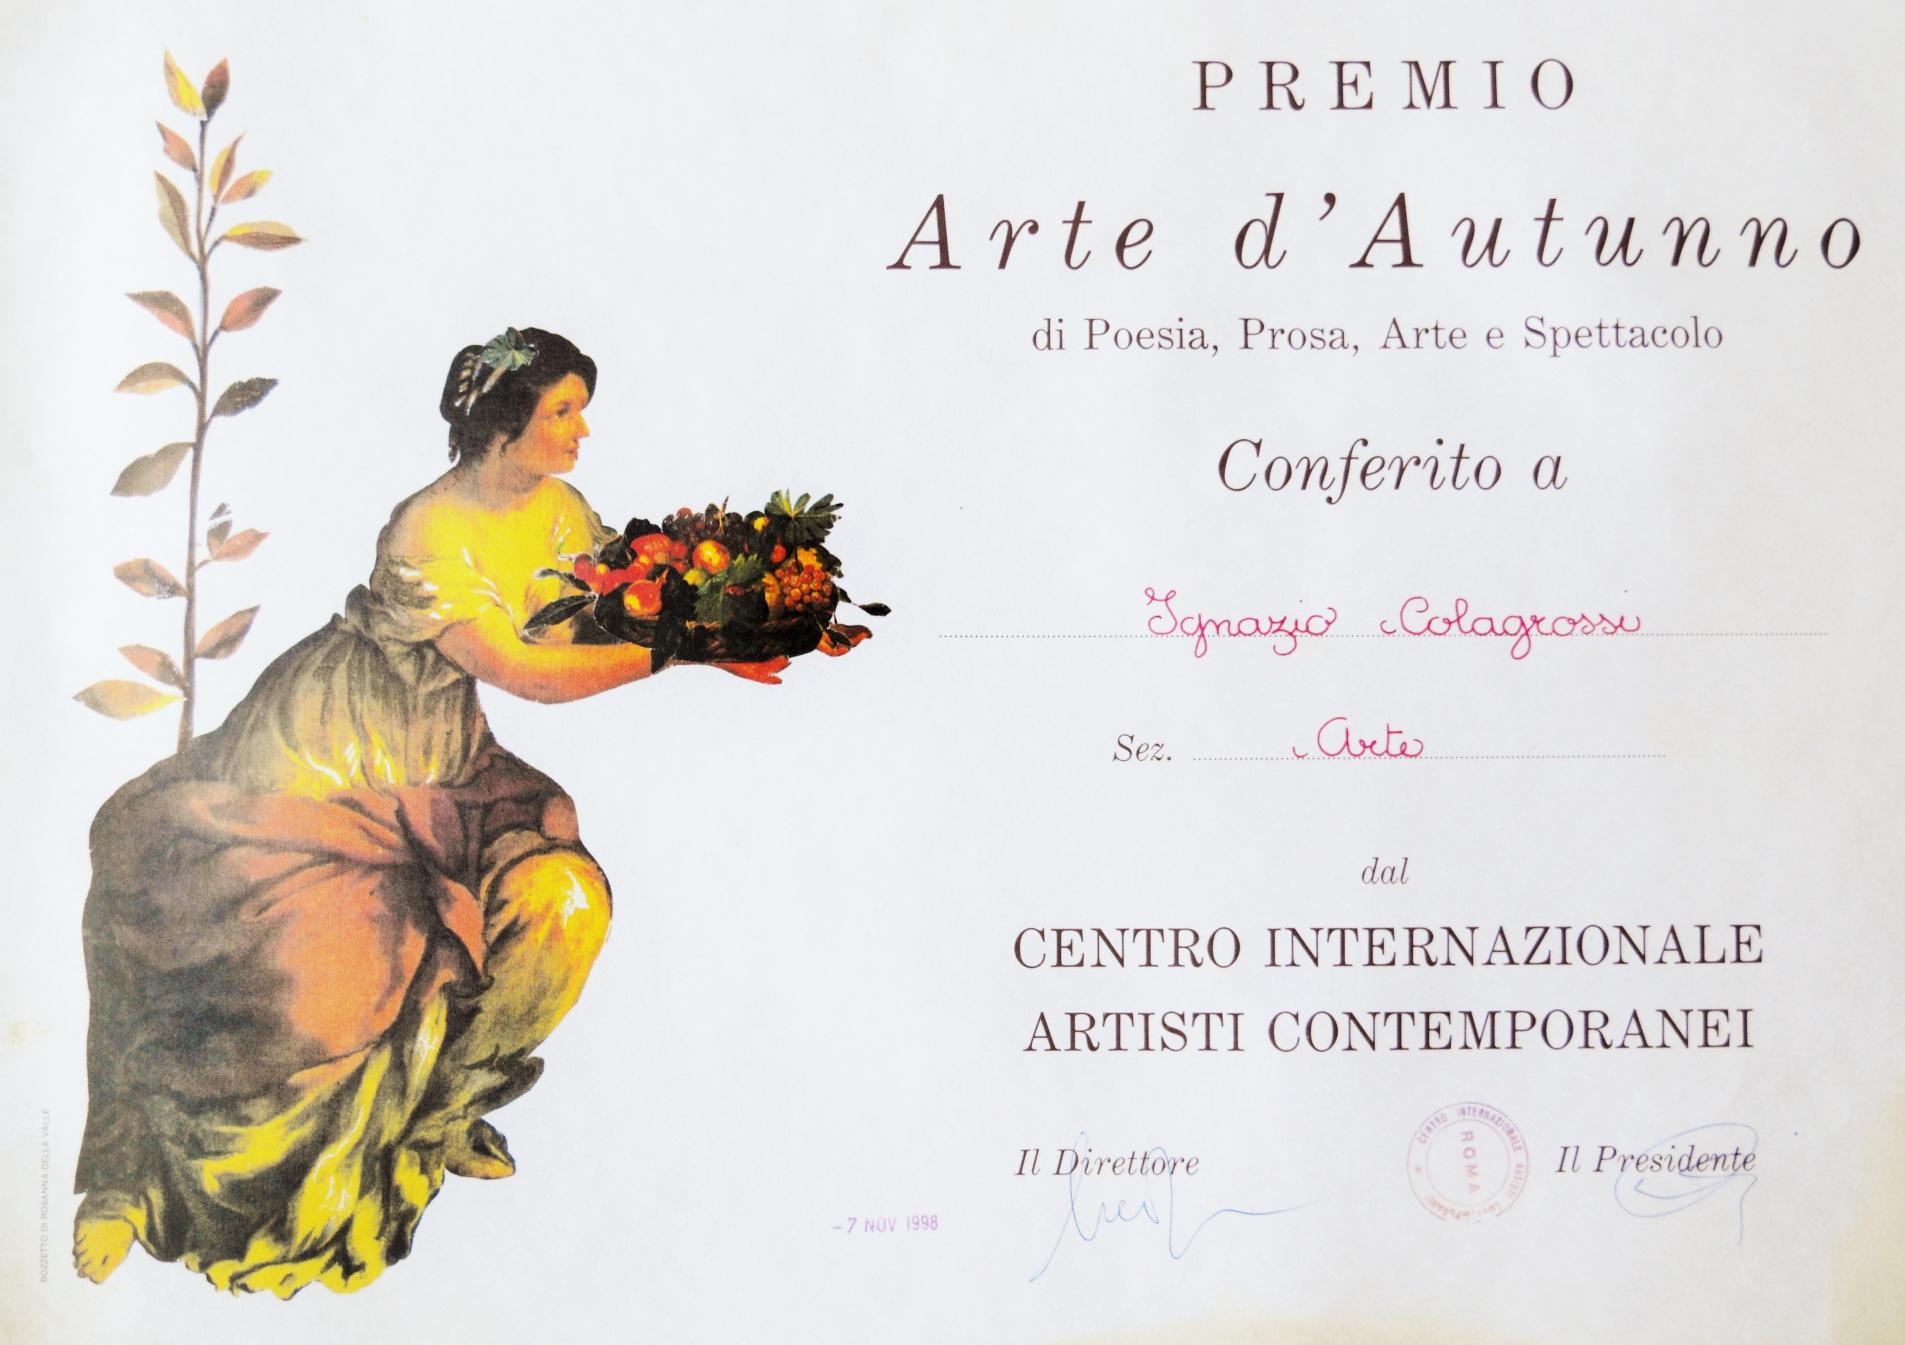 31 ottobre 7 nobembre 1998 premio arte d'autunno attestato